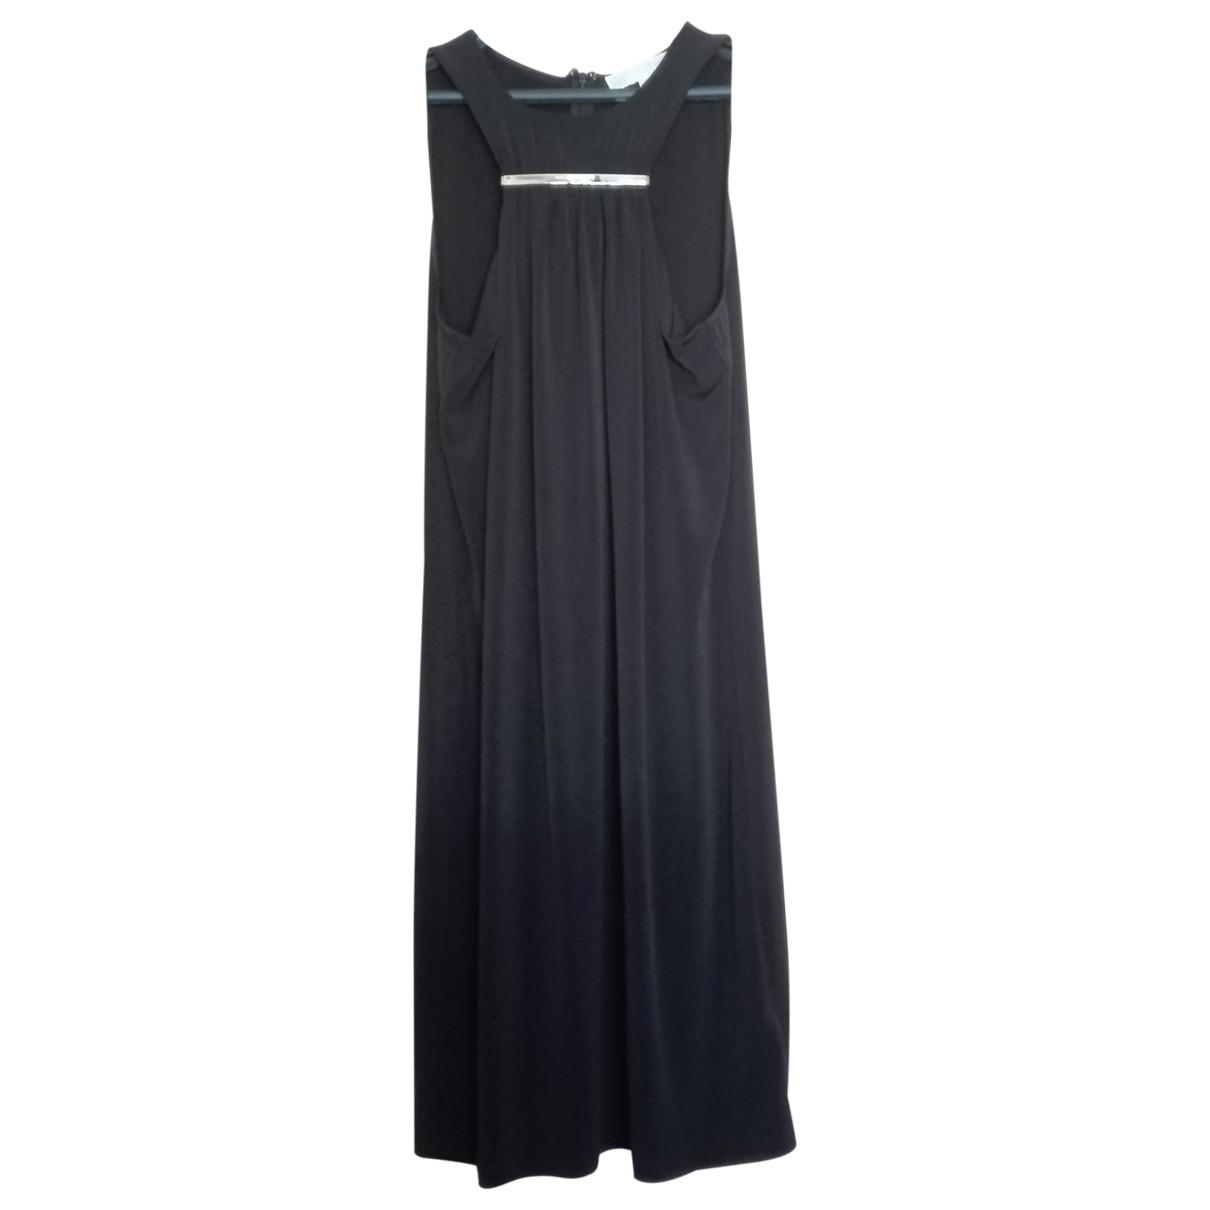 Michael Kors \N Black dress for Women S International